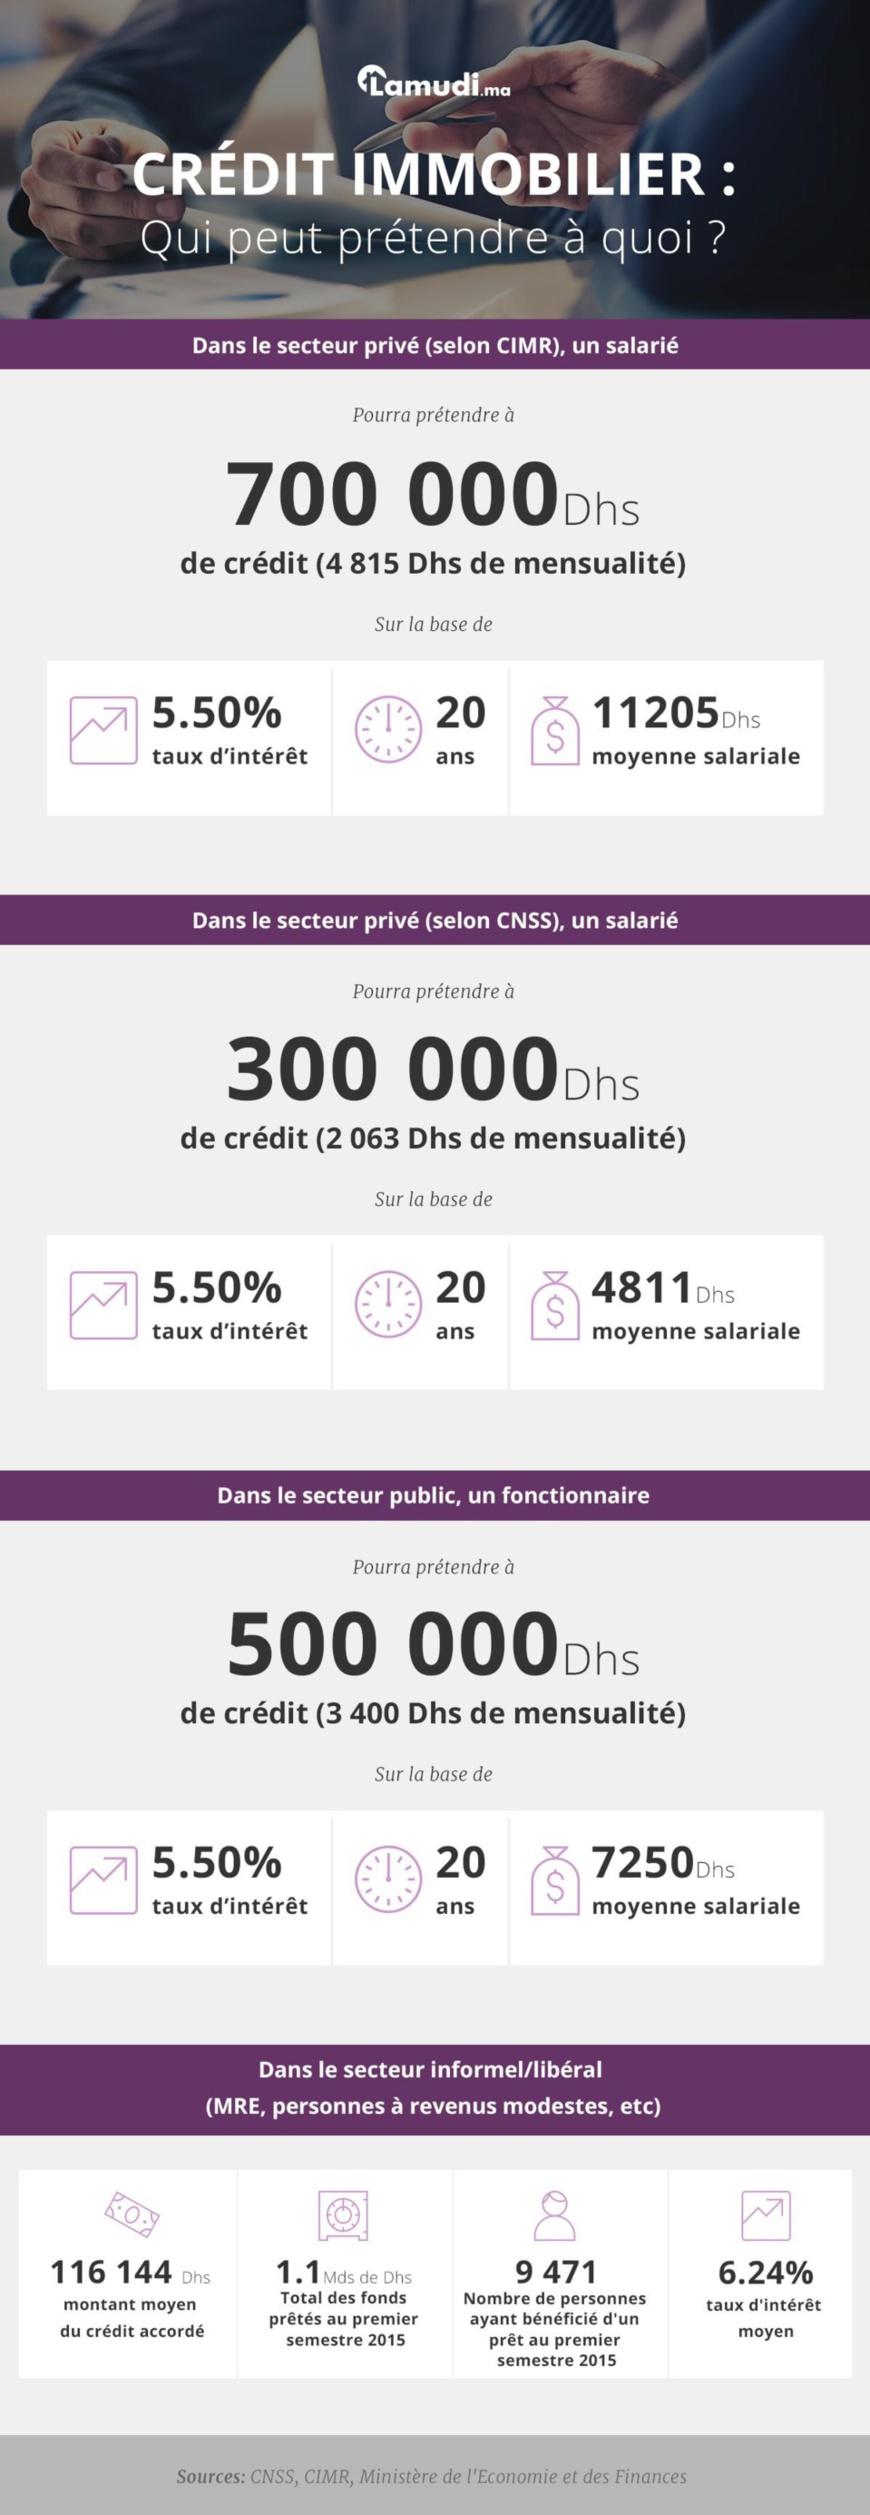 Crédit immobilier au Maroc : Qui peut prétendre à quoi ?